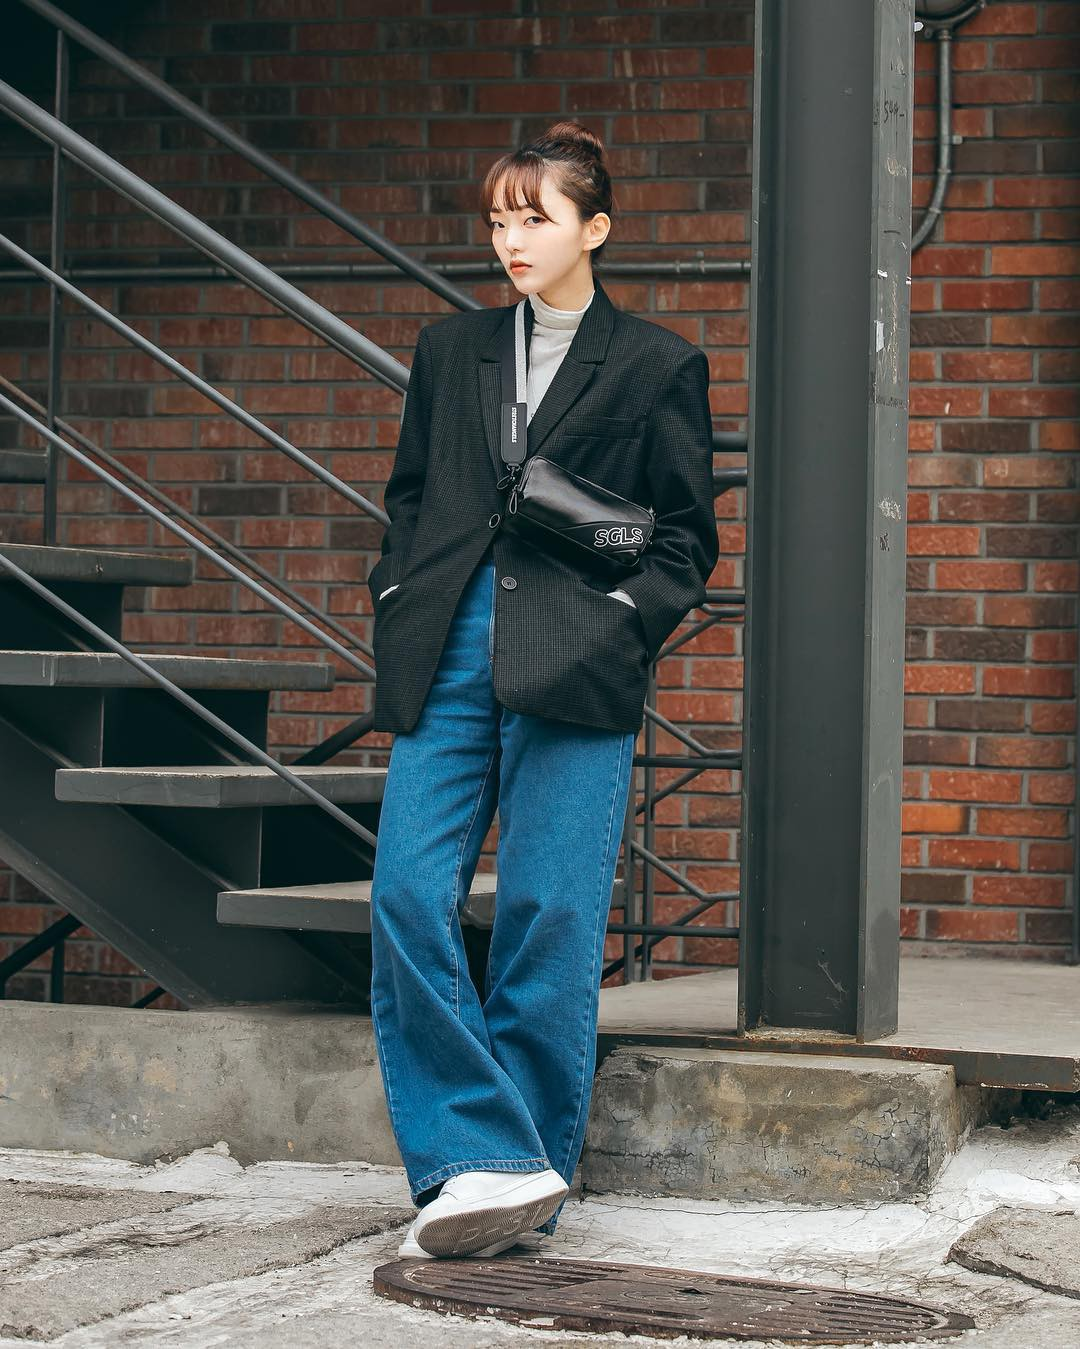 Chỉ cần ngắm street style chất lừ của giới trẻ Hàn tuần qua, công cuộc ăn mặc của bạn chắc chắn sẽ lên hương - Ảnh 1.